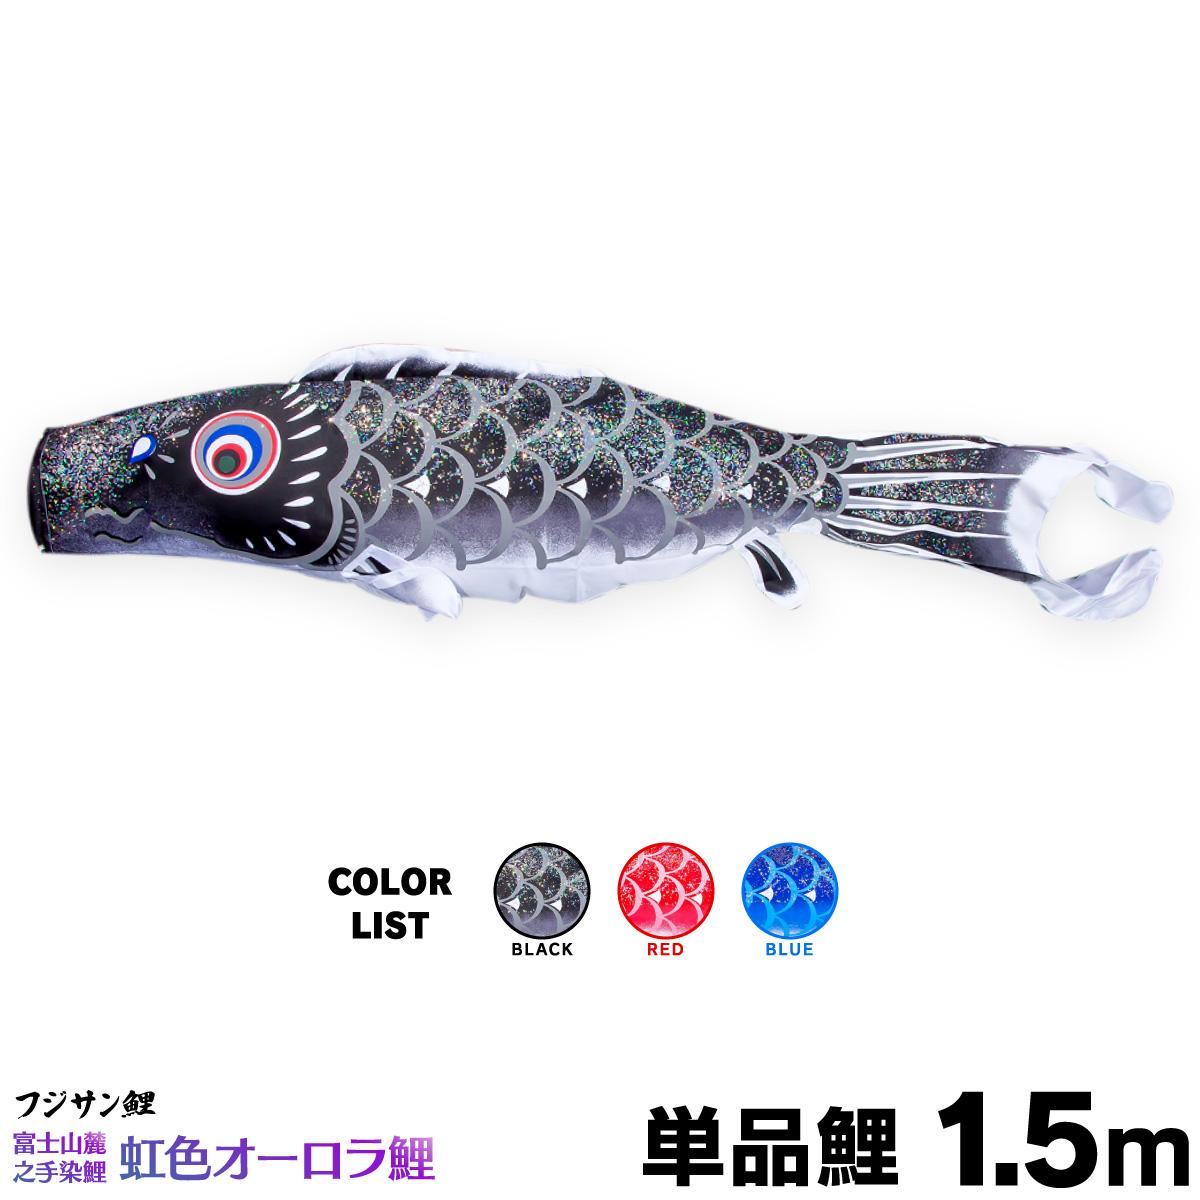 【こいのぼり 単品】 虹色オーロラ鯉 1.5m 単品鯉